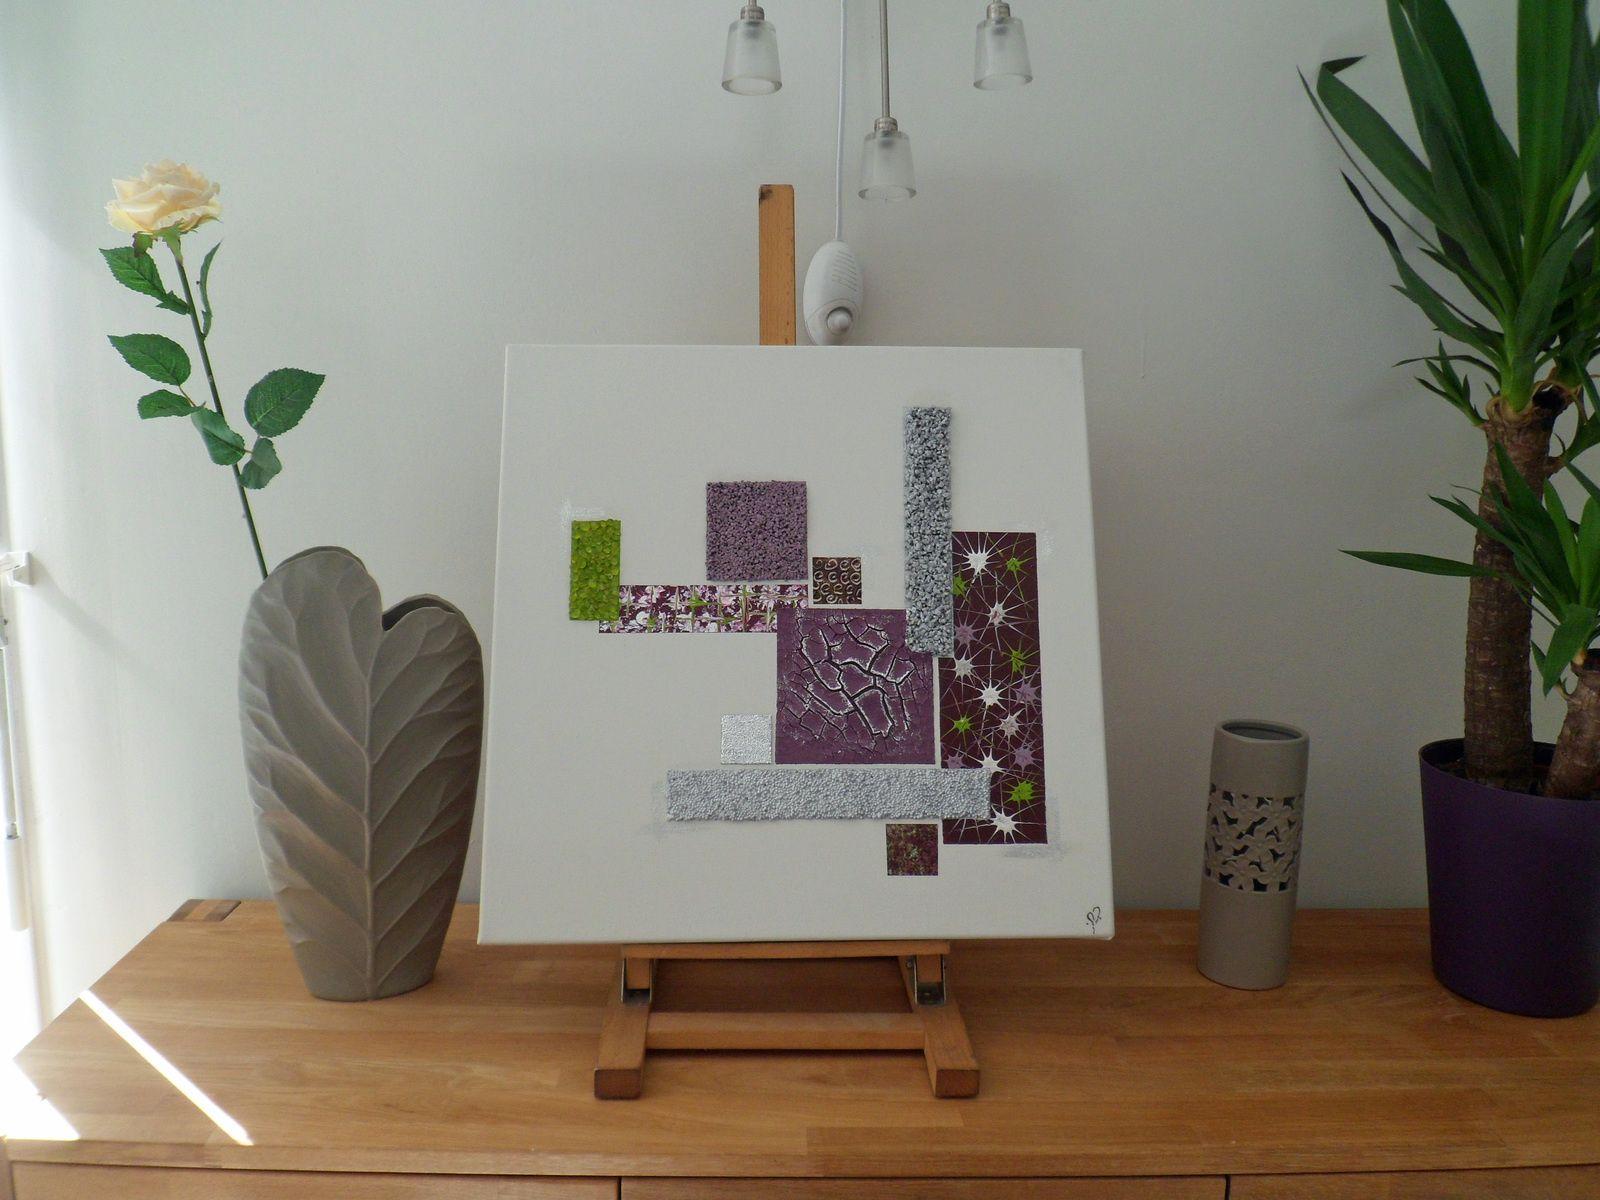 peinture mural blanc prune violet vert argent 50 x 50 cm inez tableau peinture abstrait design moderne contemporain dcoration murale acrylique